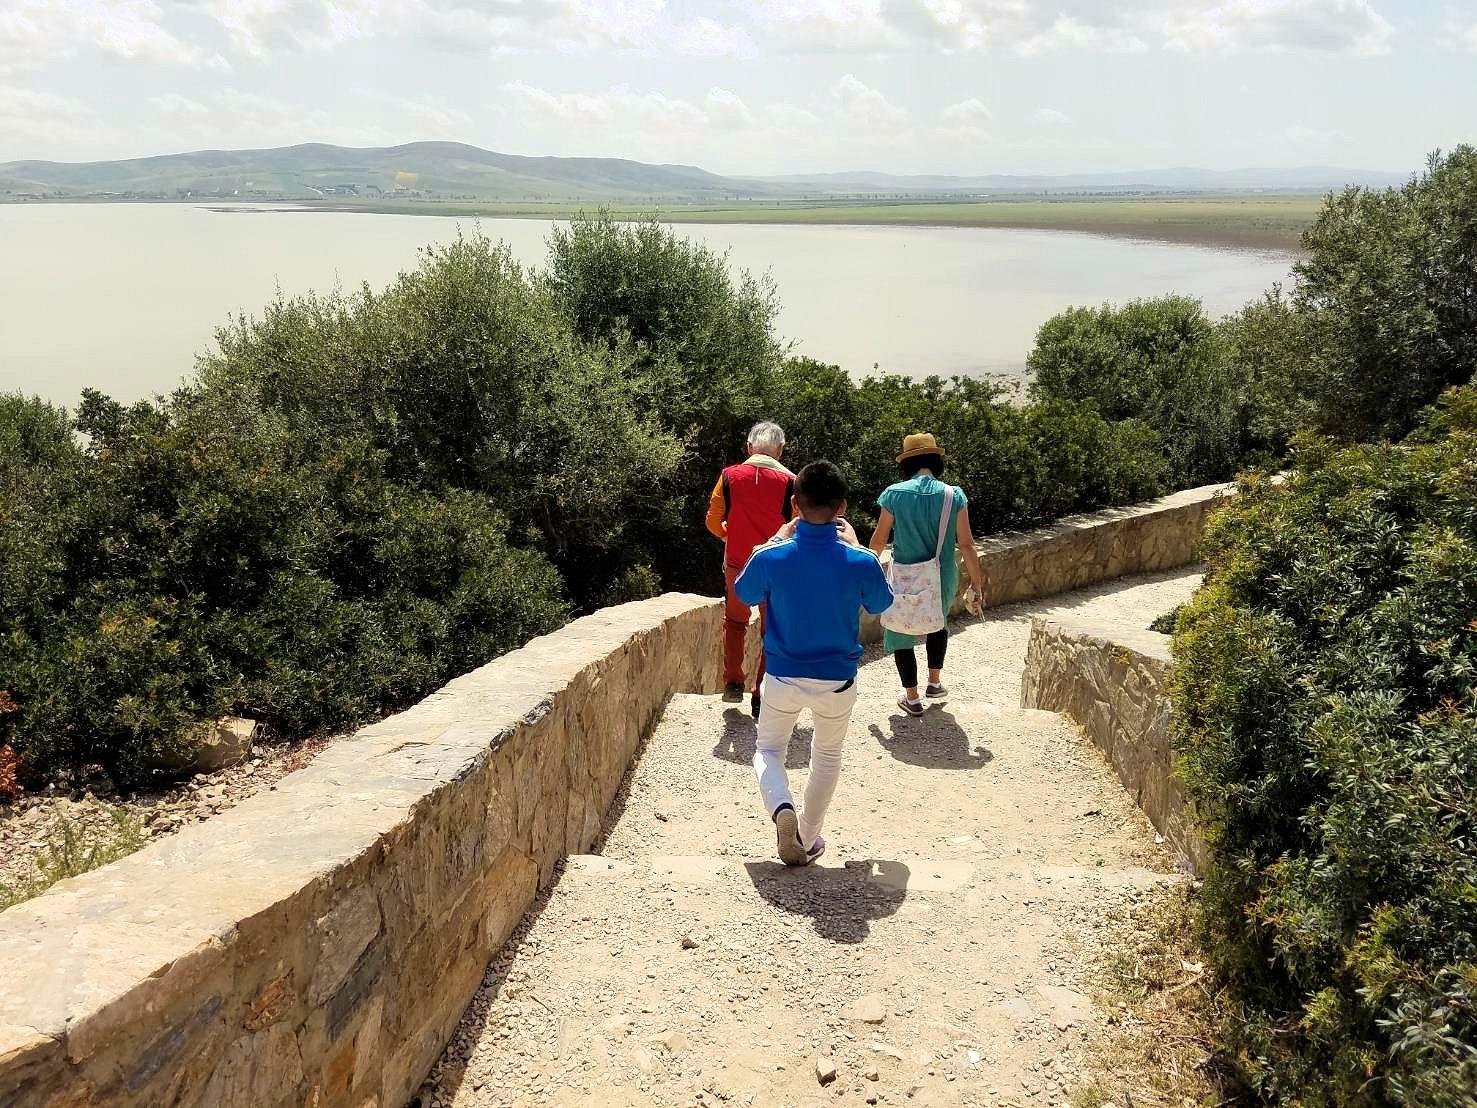 チュニジア:イシュケウル国立公園で記念撮影を9